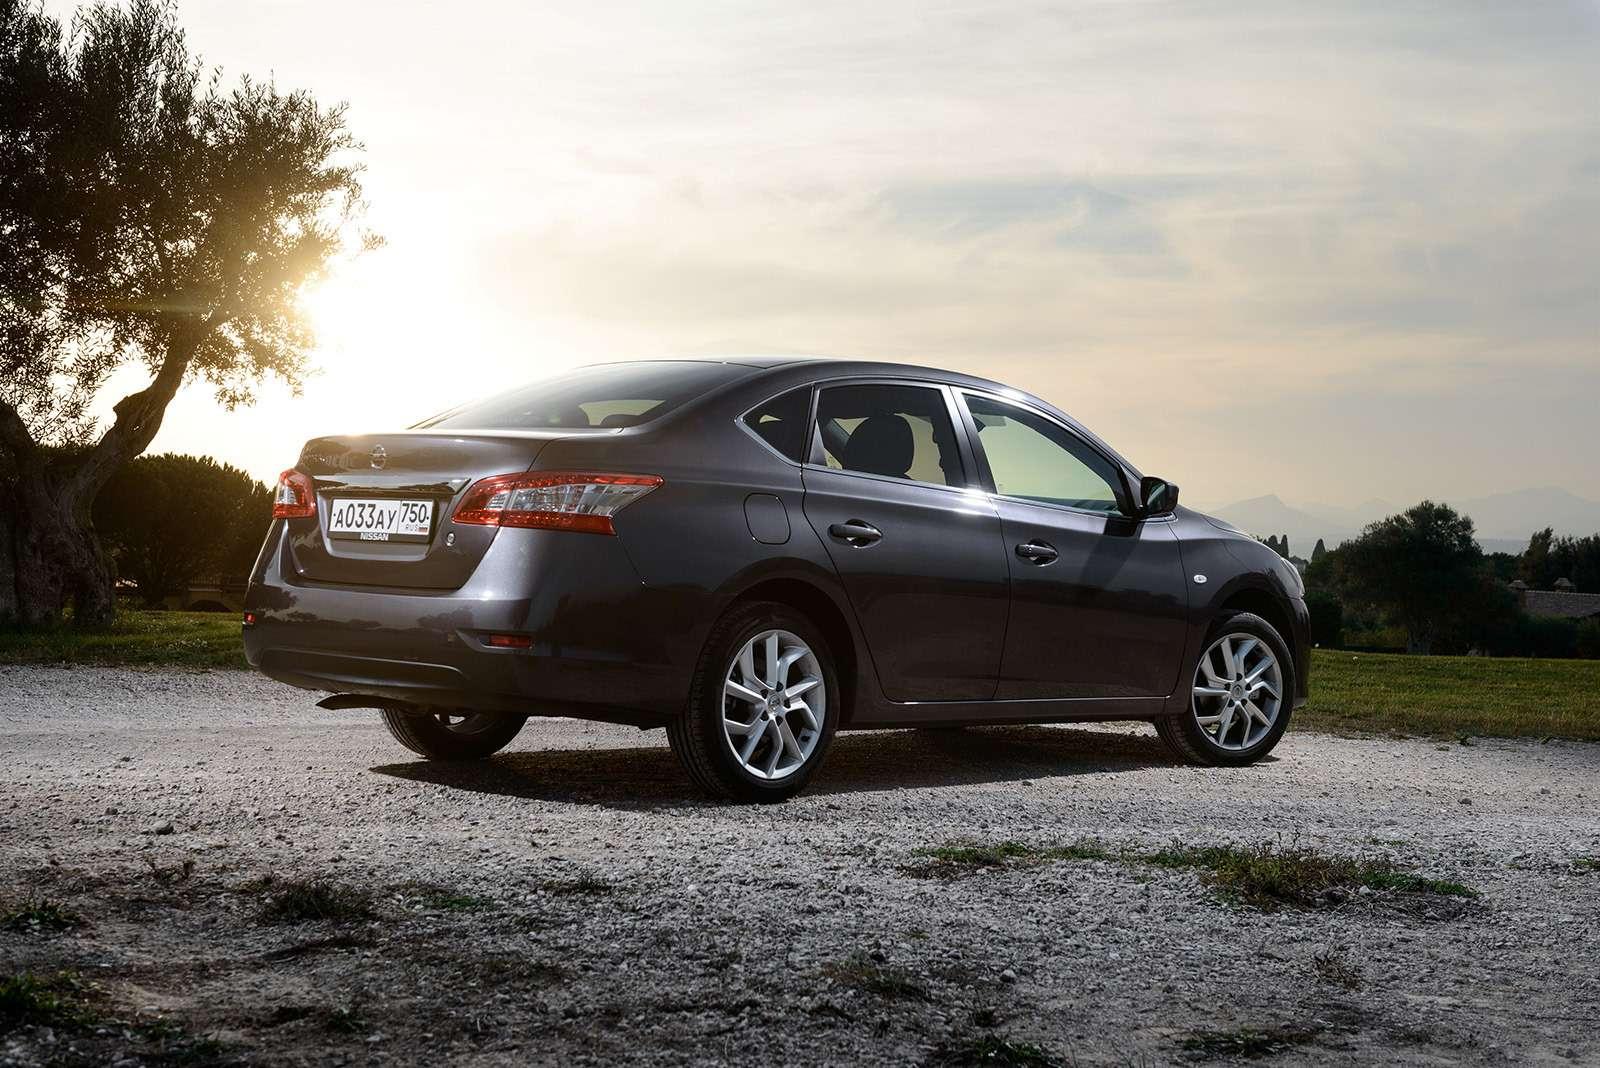 Двемодели Nissan ушли сроссийского рынка. Какие ипочему?— фото 817281